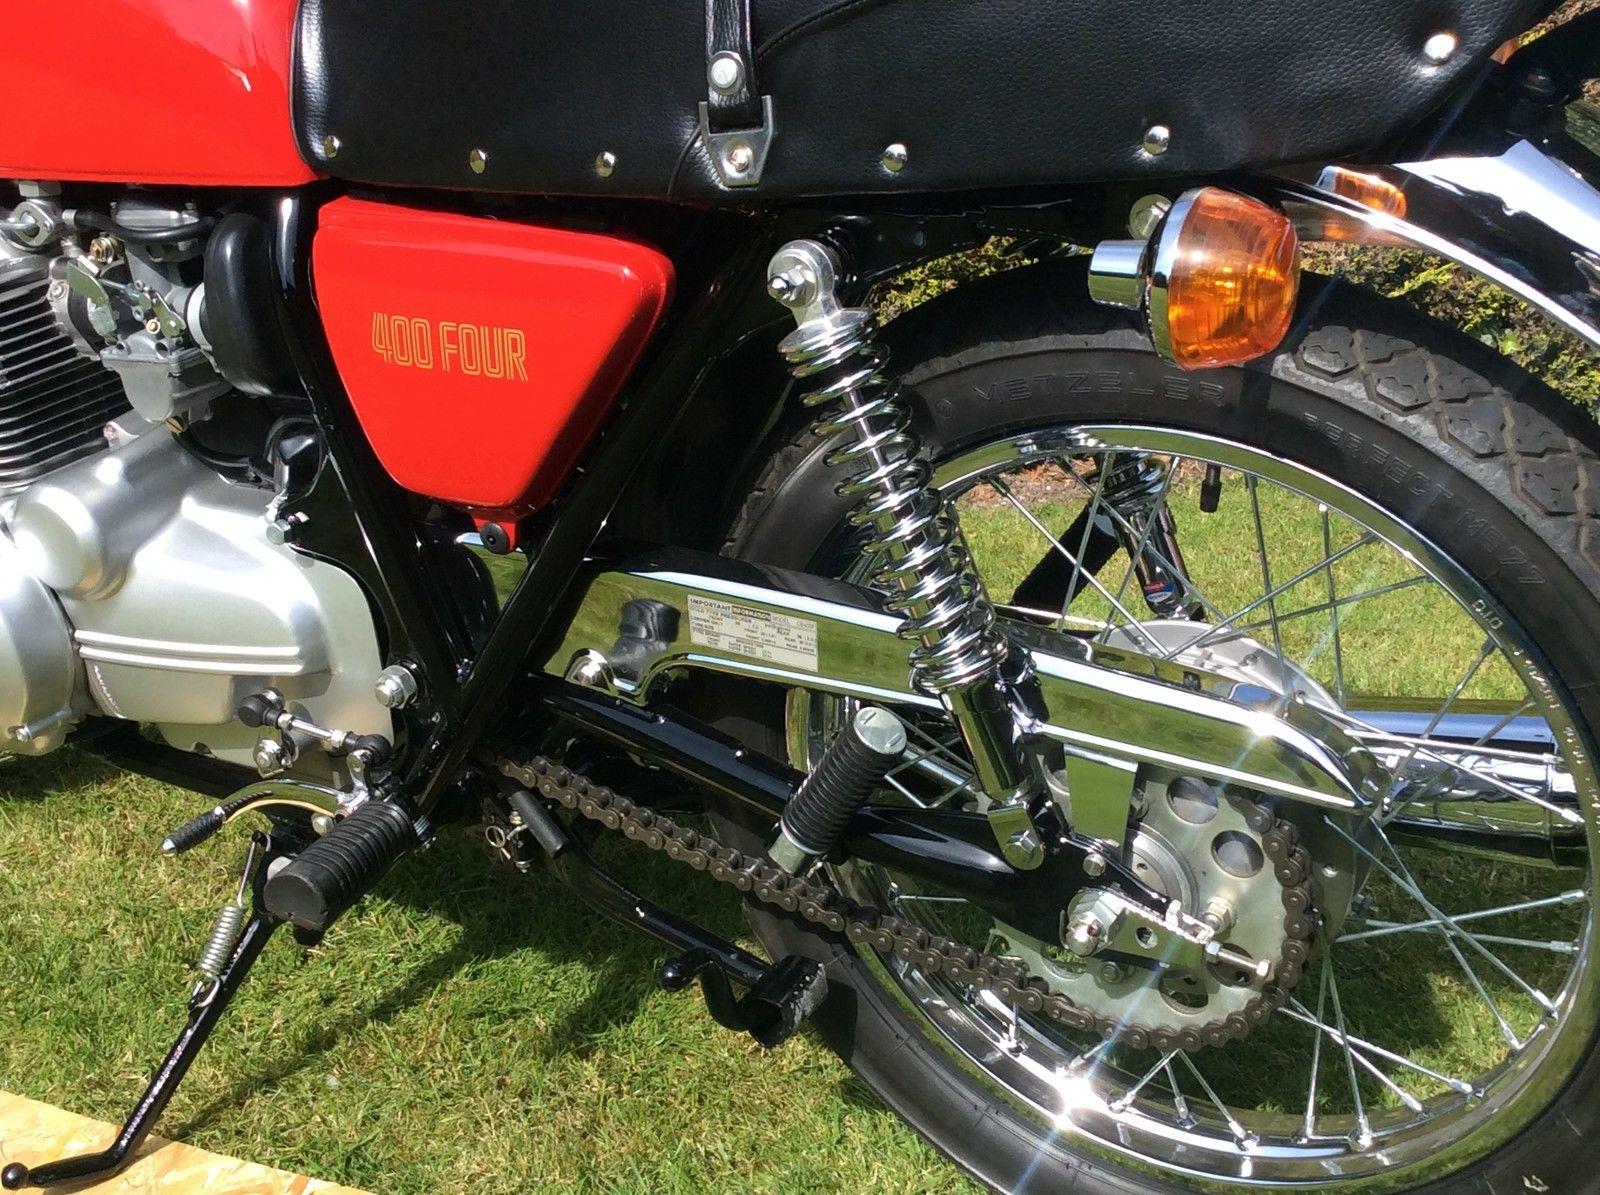 honda cb400 super four Array - restored honda cb400 four 1975 photographs  at classic bikes rh bikesrestored com